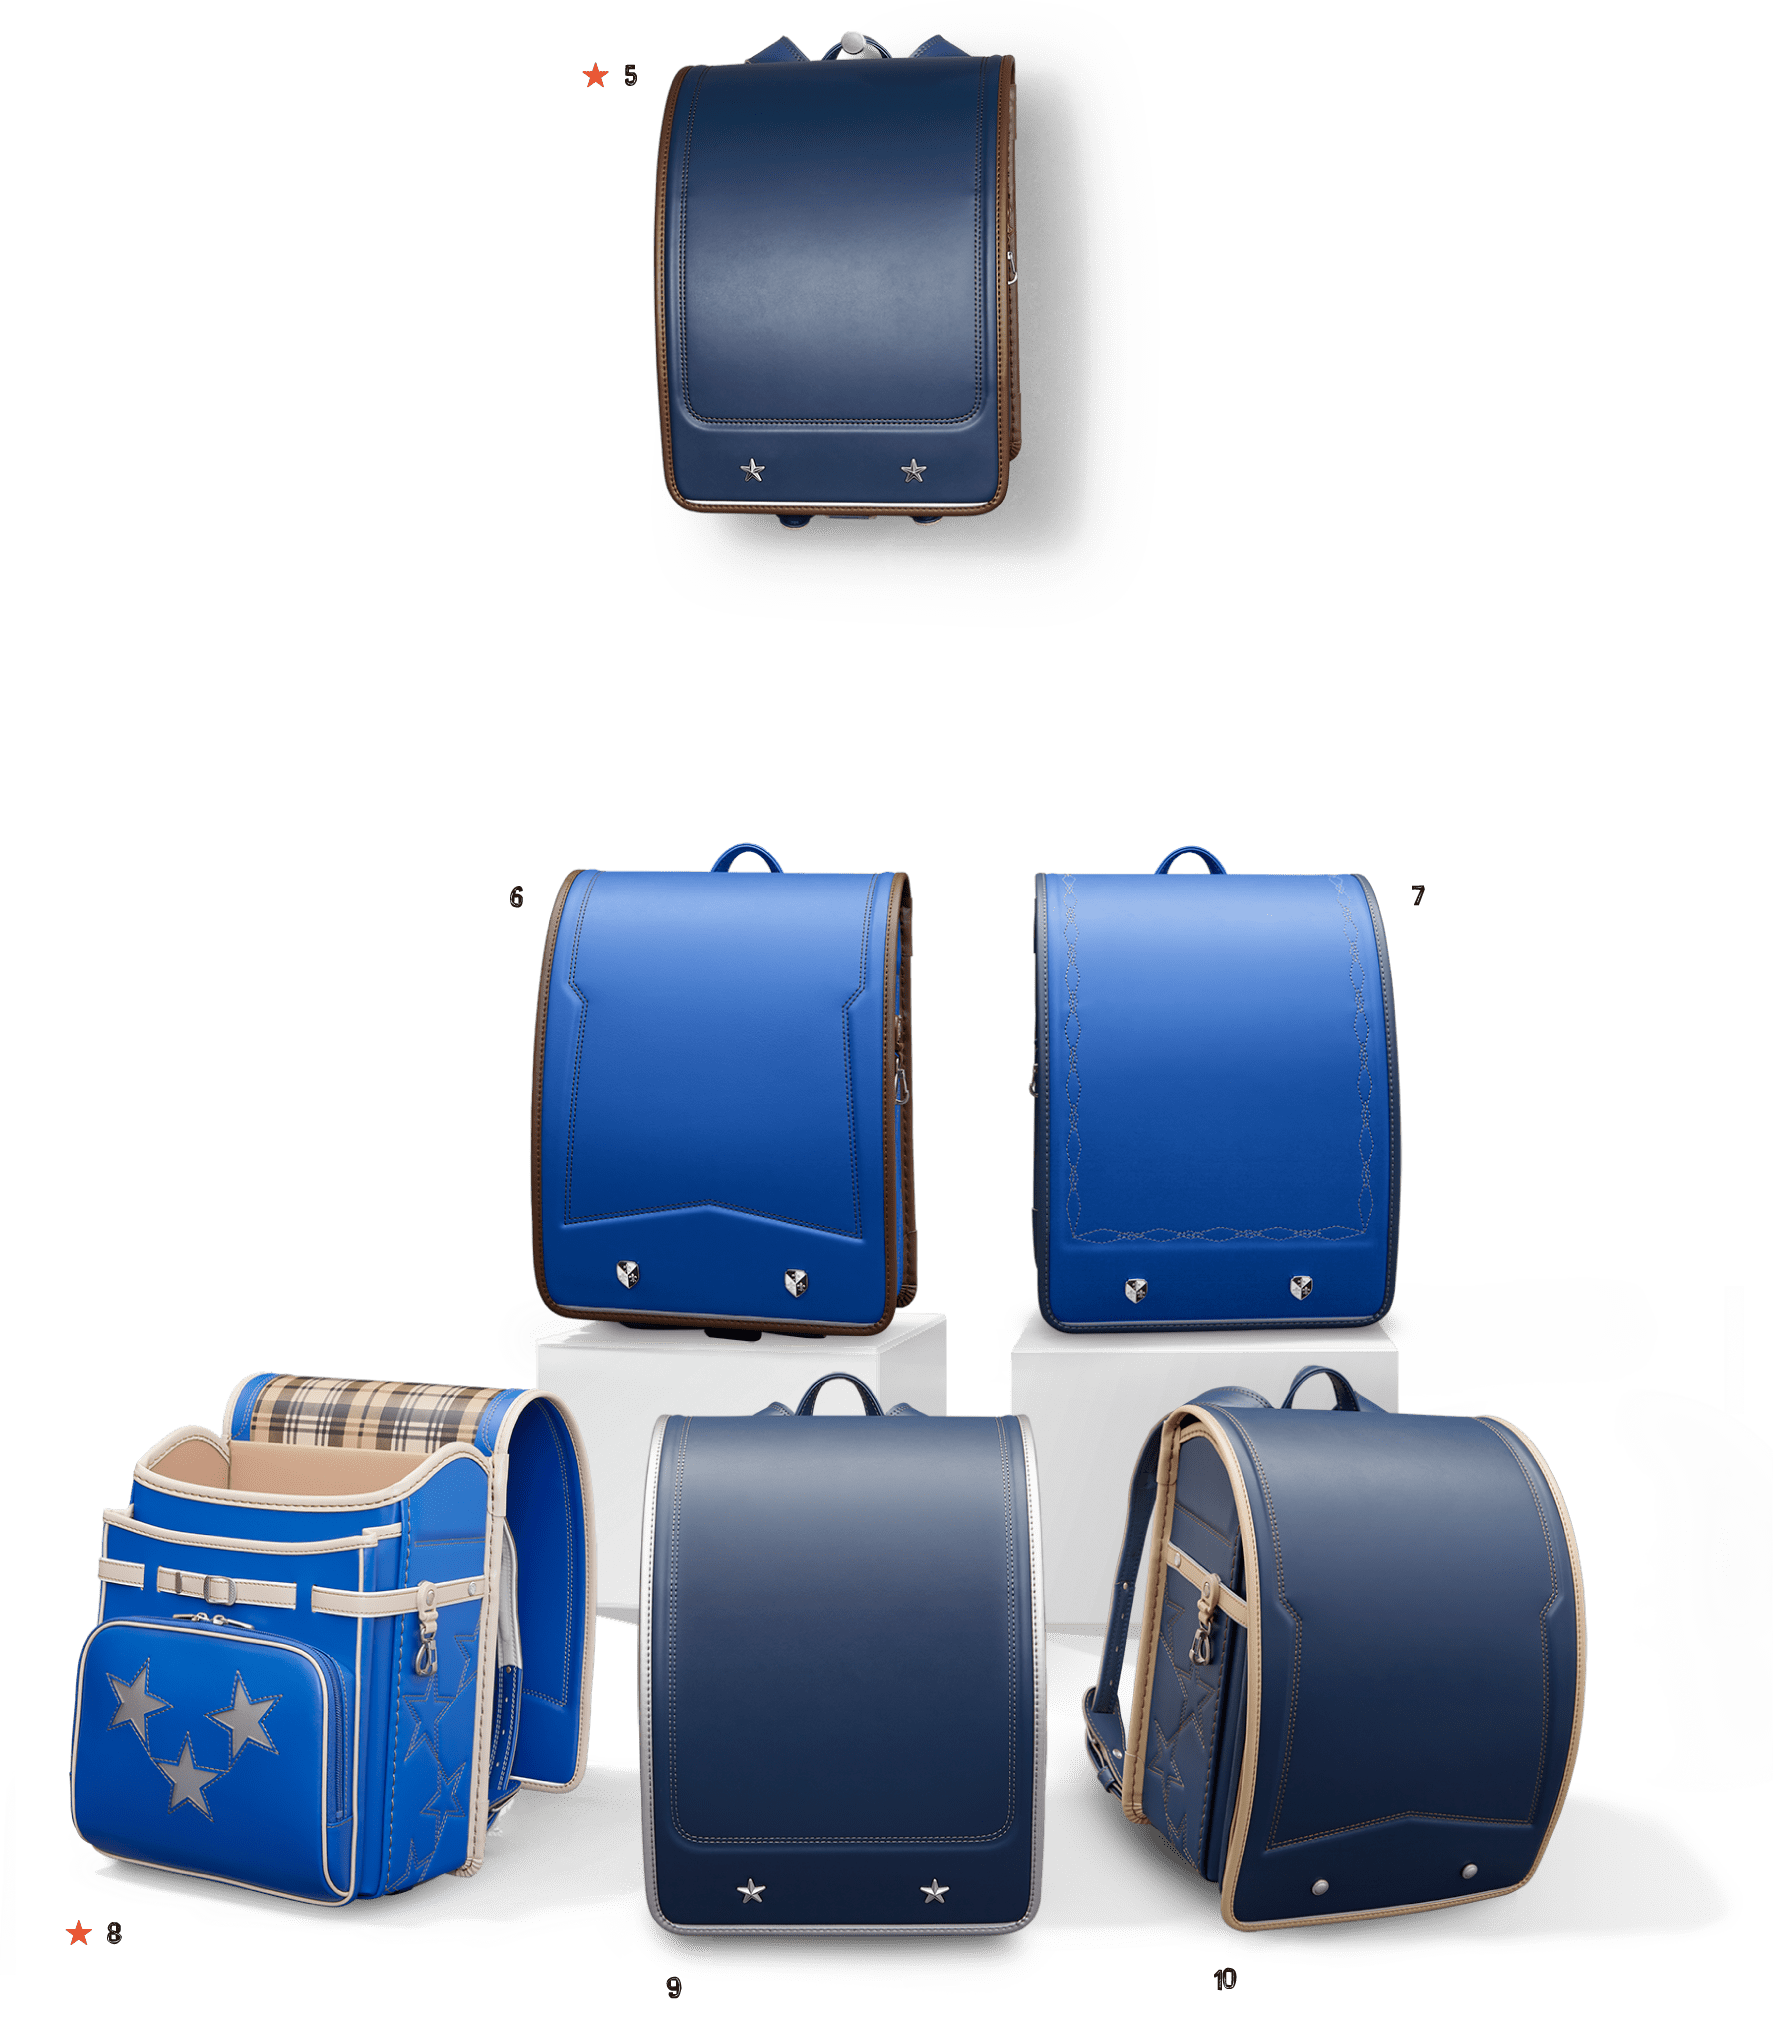 オーダーメイドランドセル組み合わせ例 ブルー